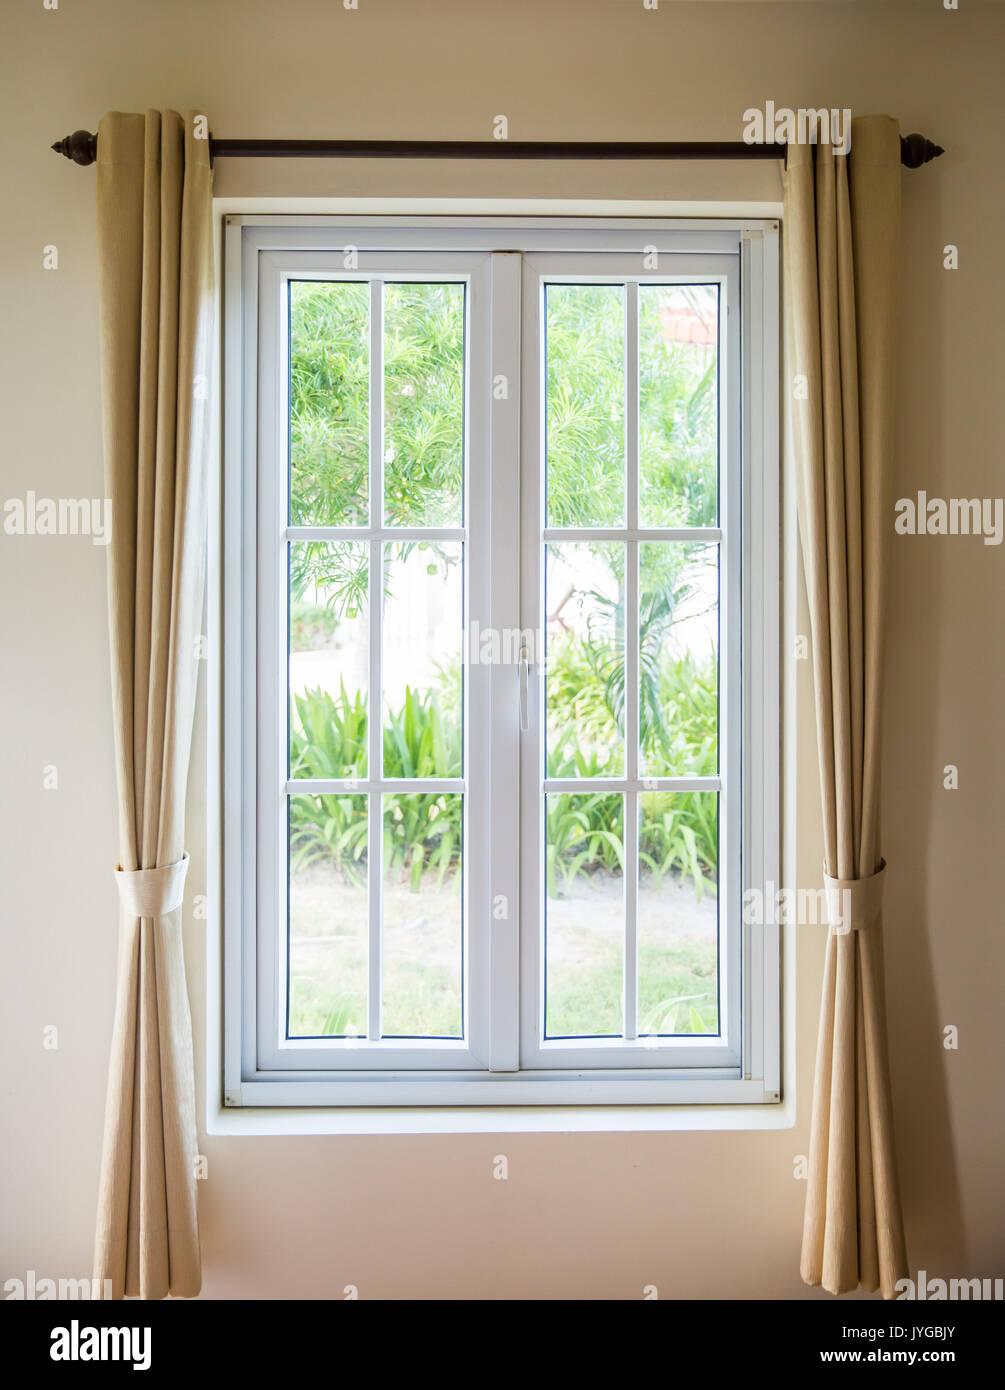 Geöffnete Fenster Mit Weißen Rahmen Und Vorhang Stockfoto Bild